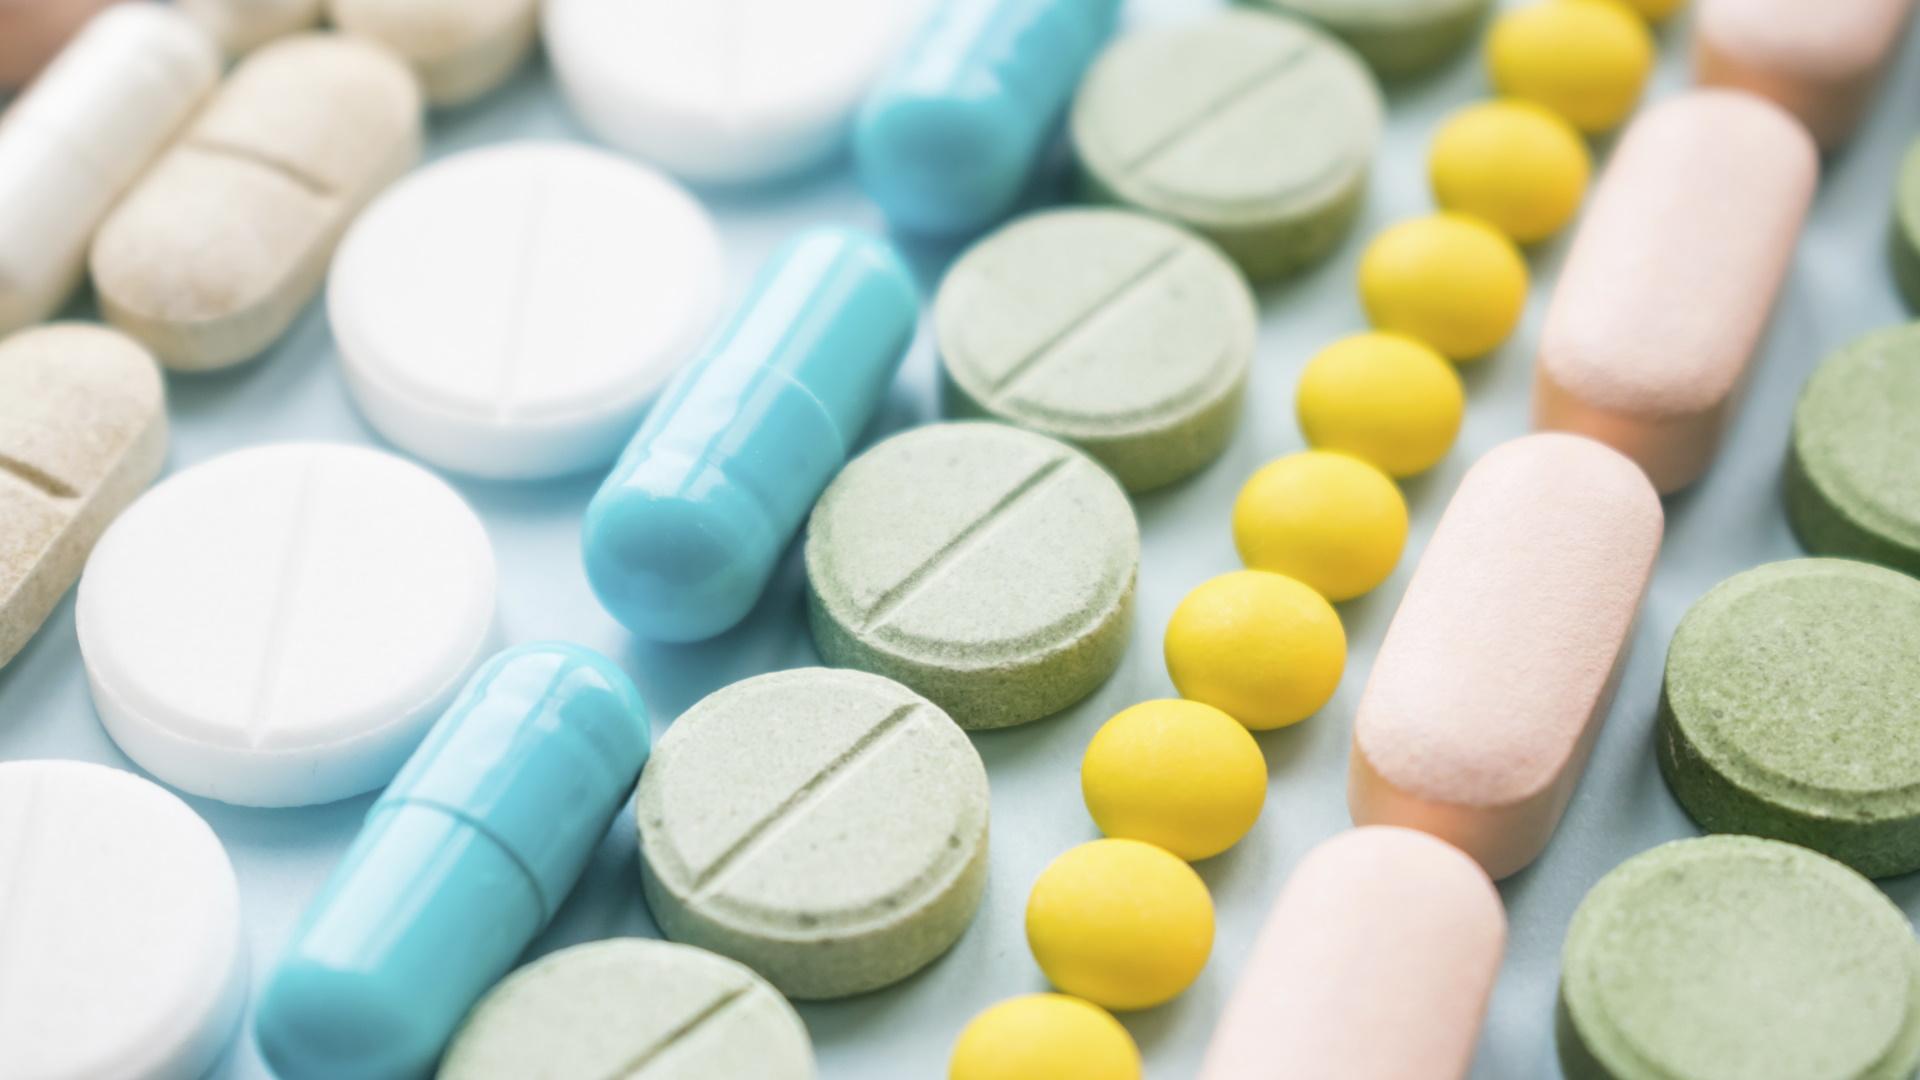 Vignette de la formation : Mésusage, abus et dépendance aux médicaments